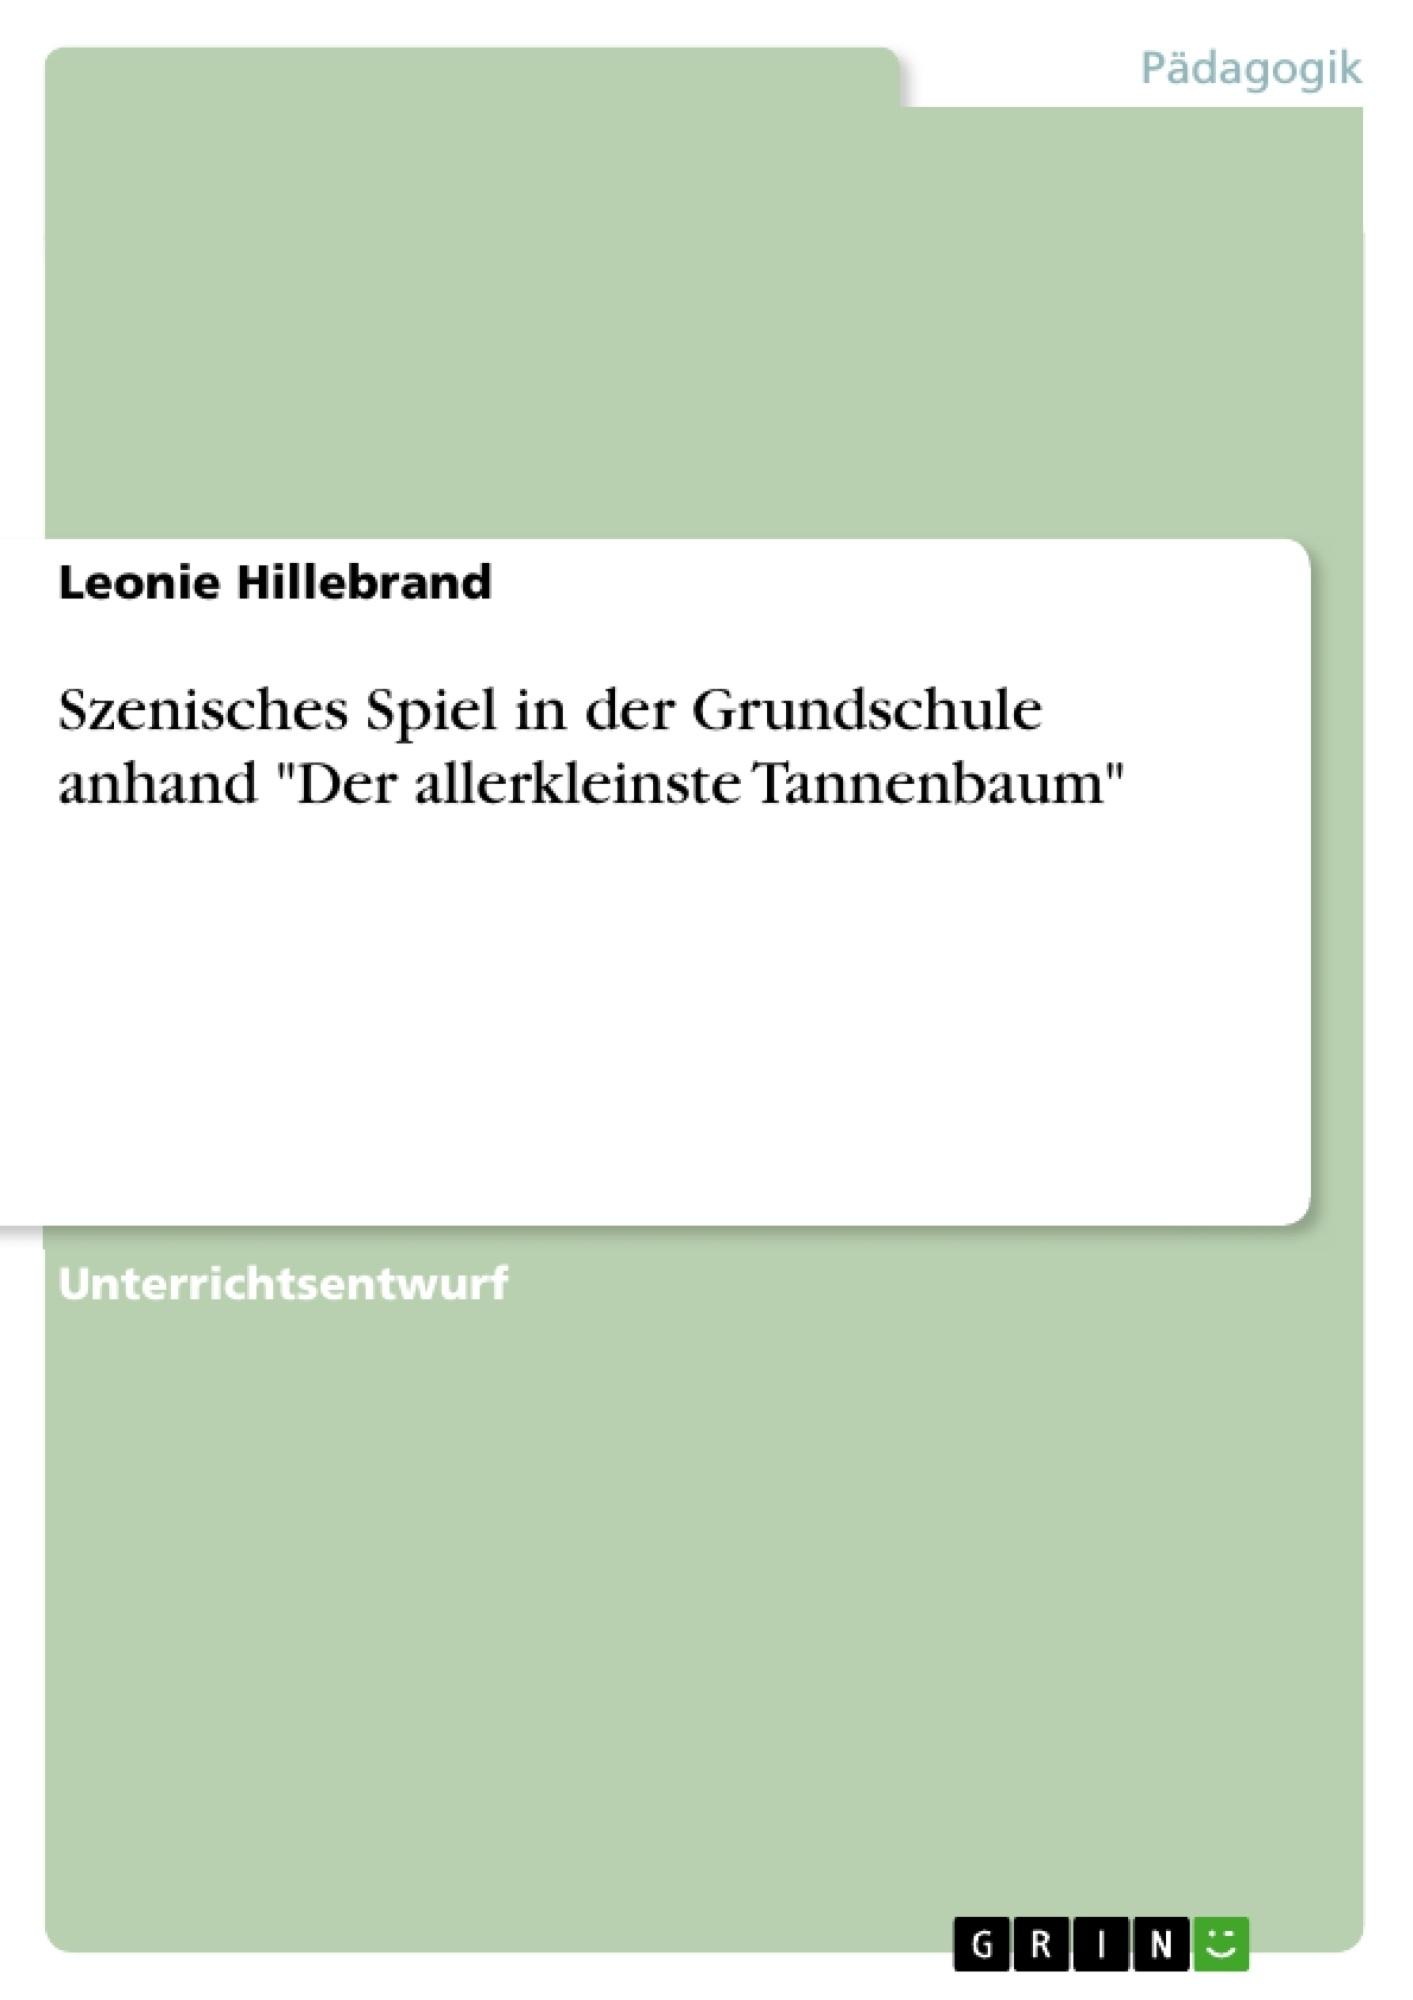 Bilderbuch Tannenbaum.Grin Szenisches Spiel In Der Grundschule Anhand Der Allerkleinste Tannenbaum